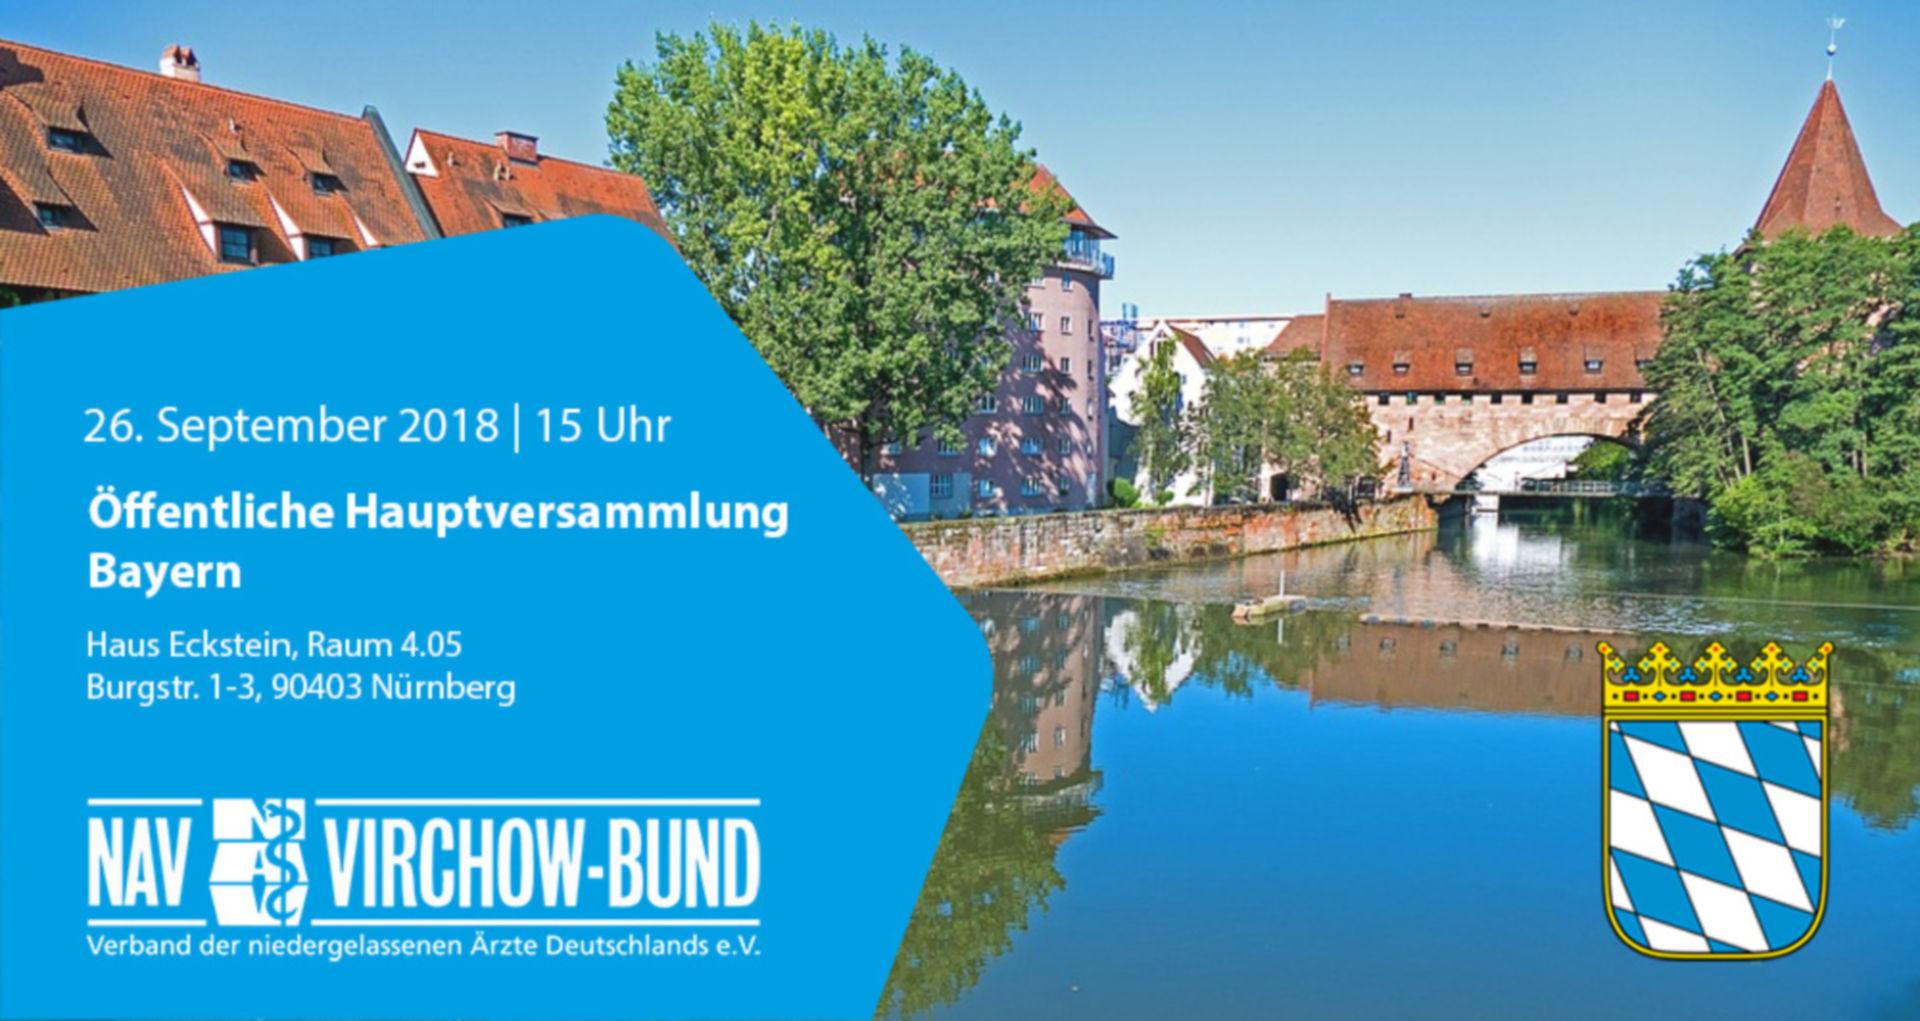 Einladung: 26.9.2018 | Landeshauptversammlung Bayern im NAV-Virchow-Bund